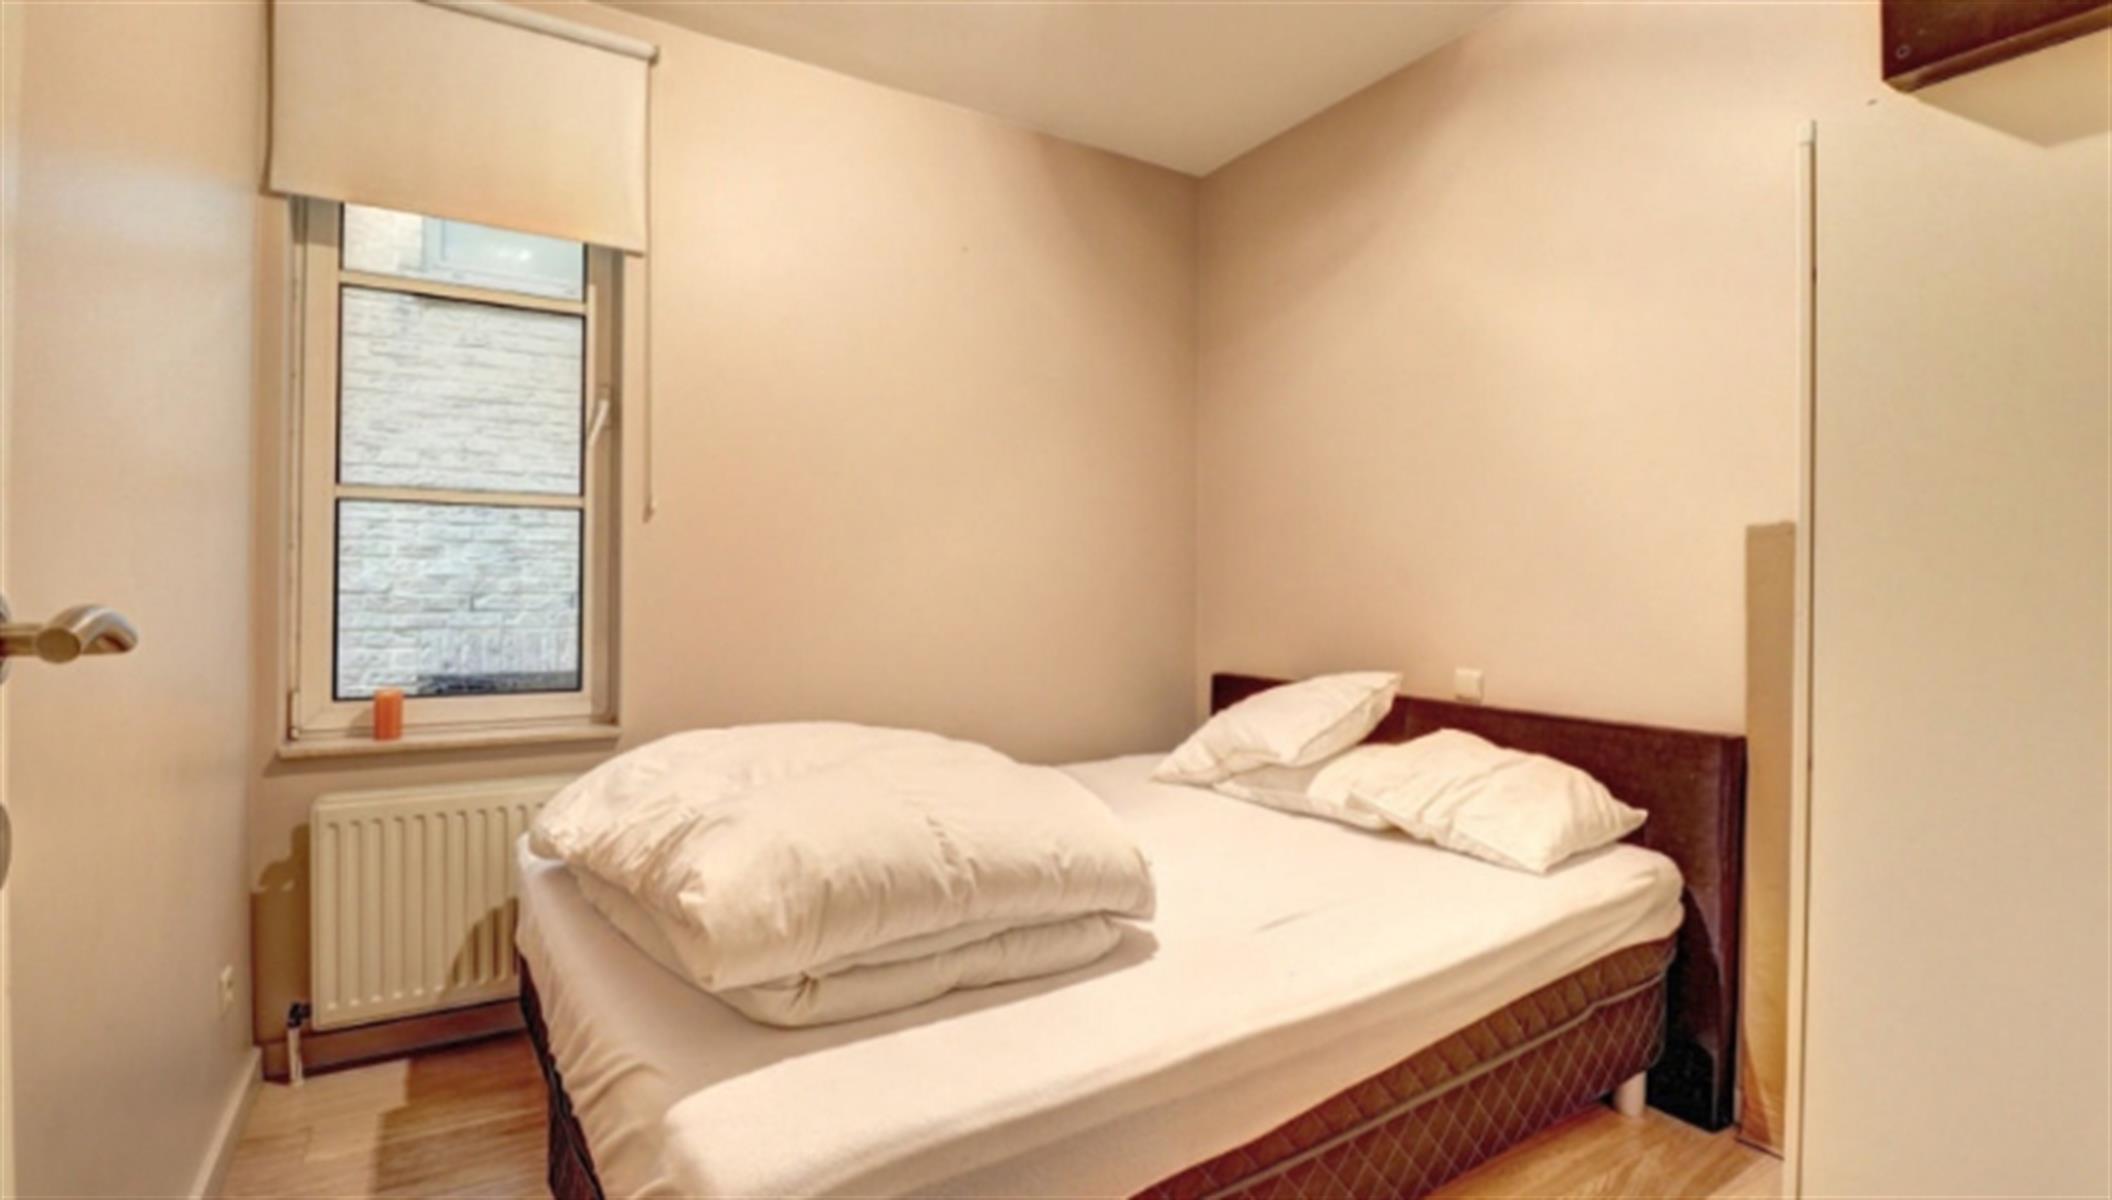 Appartement - Etterbeek - #4430645-12